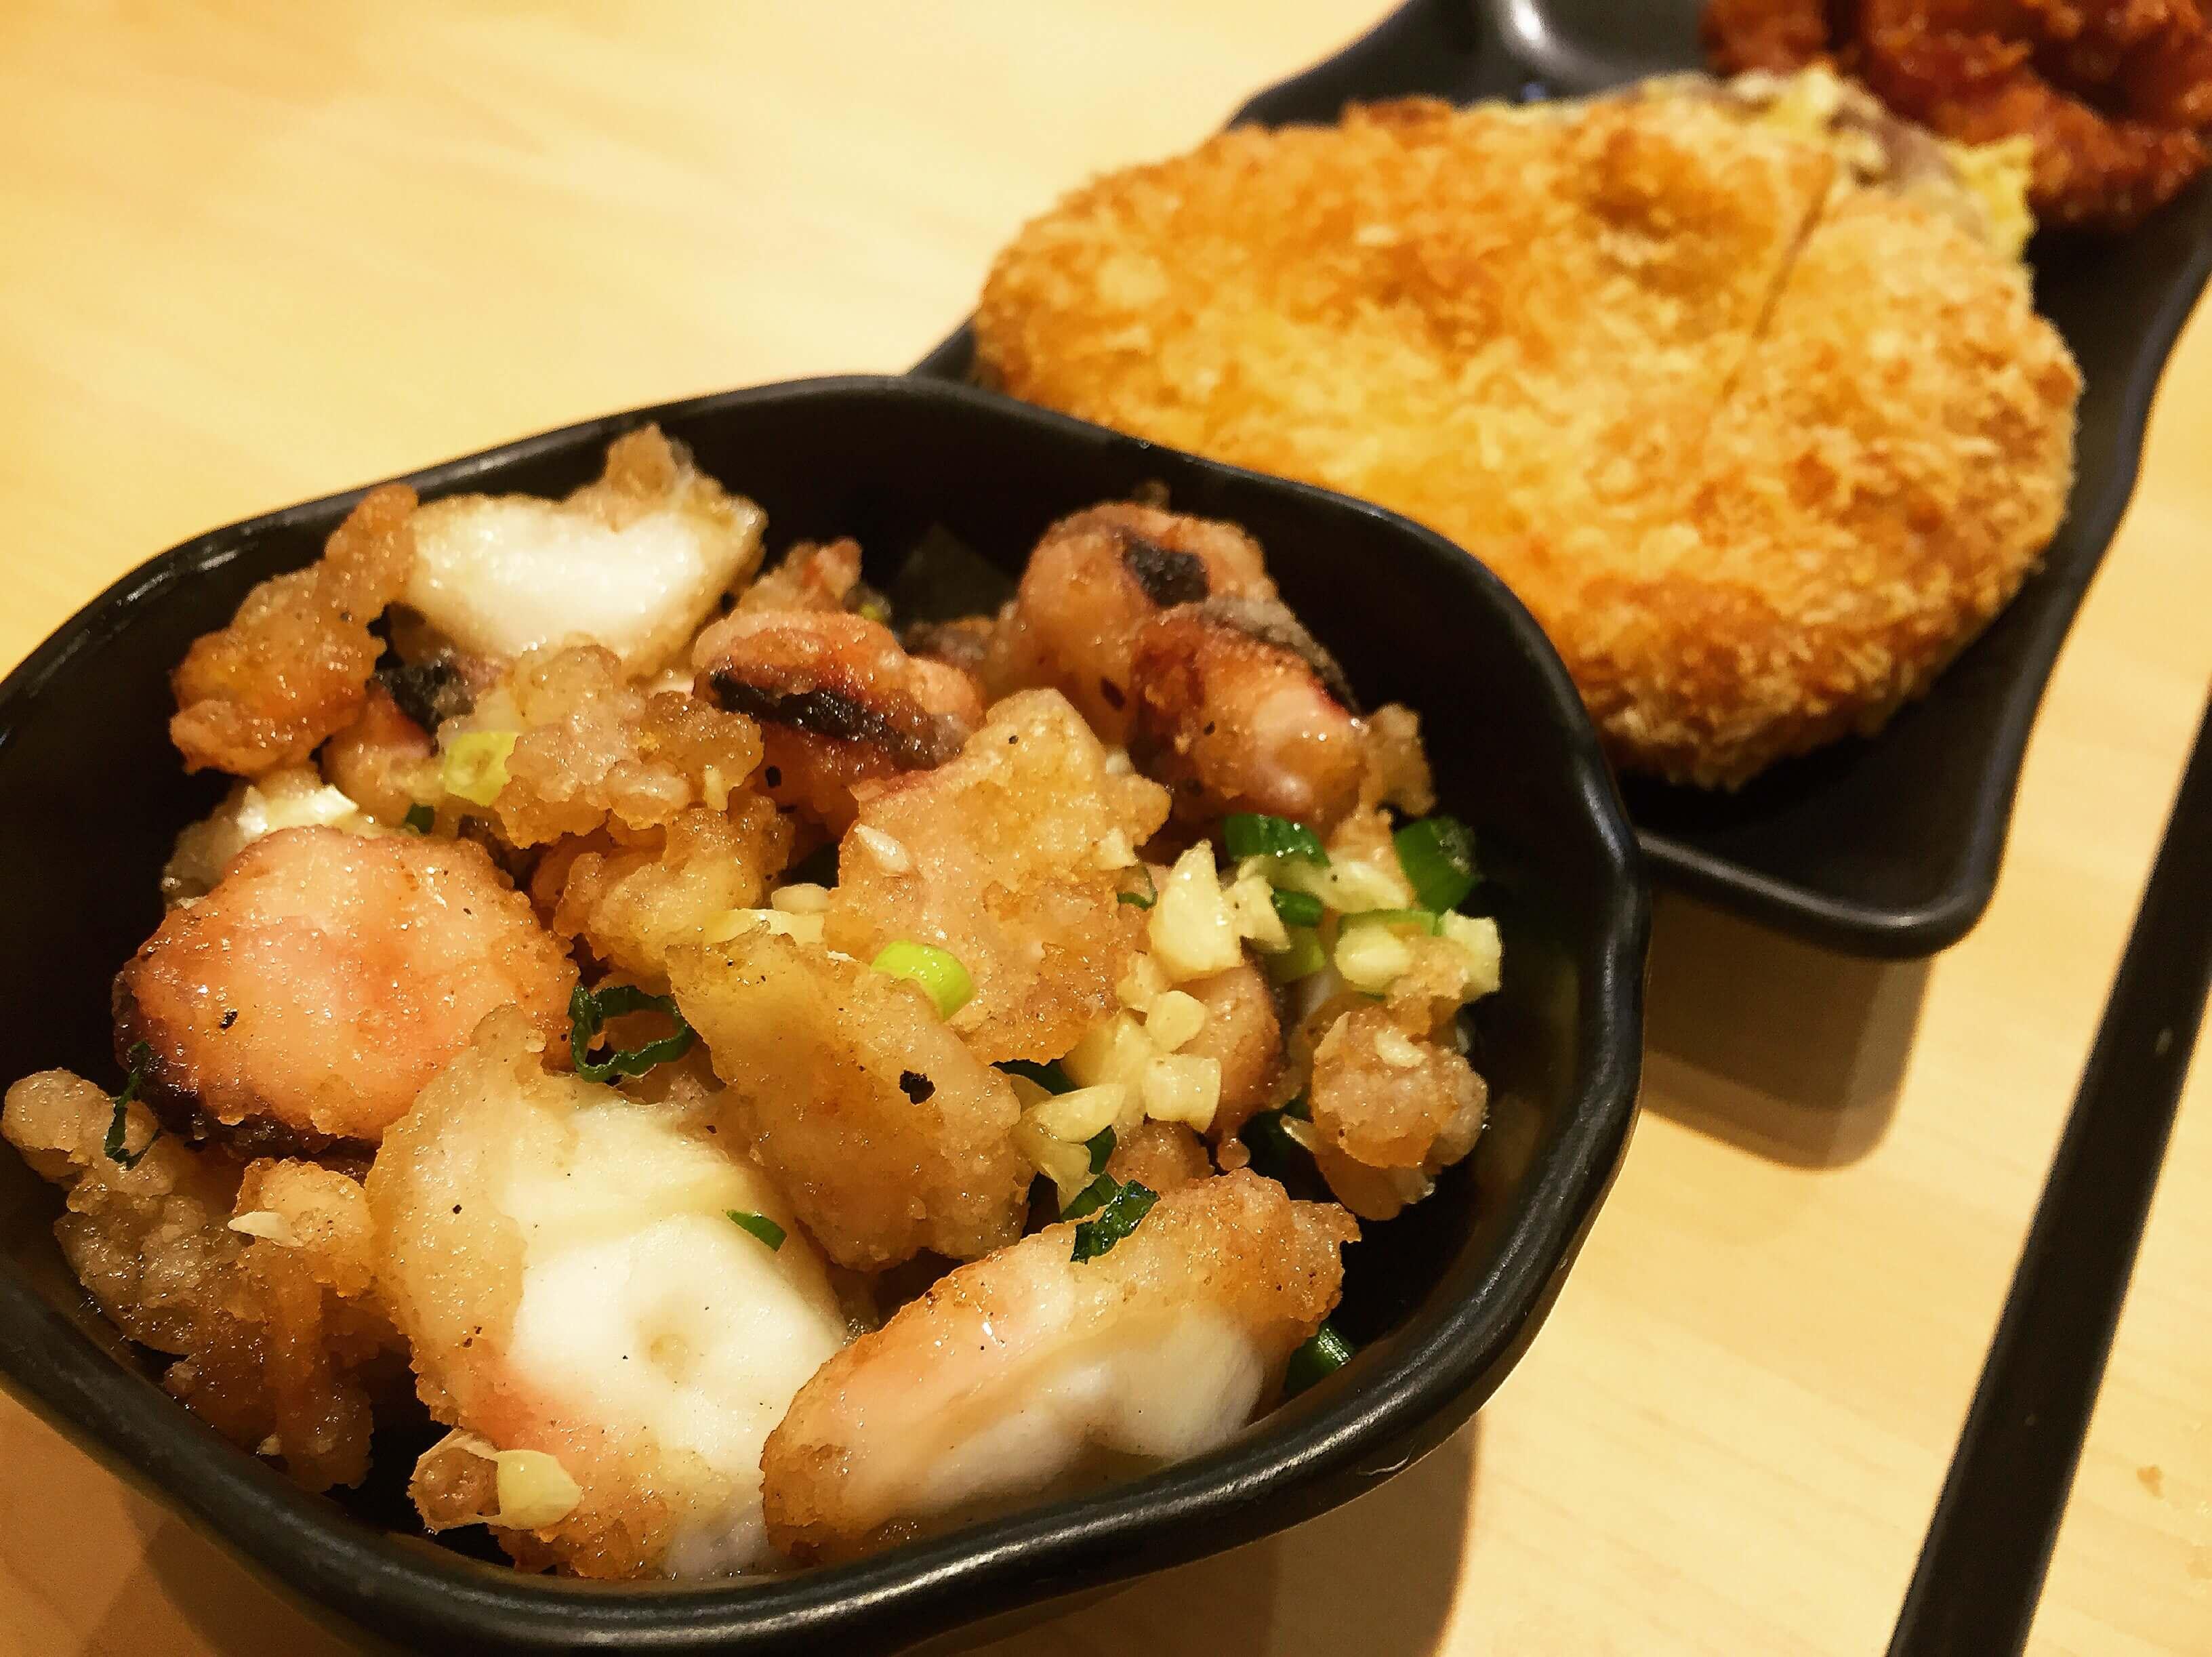 米澤製麵古亭店的炸魷魚。(圖/吐司客拍攝)